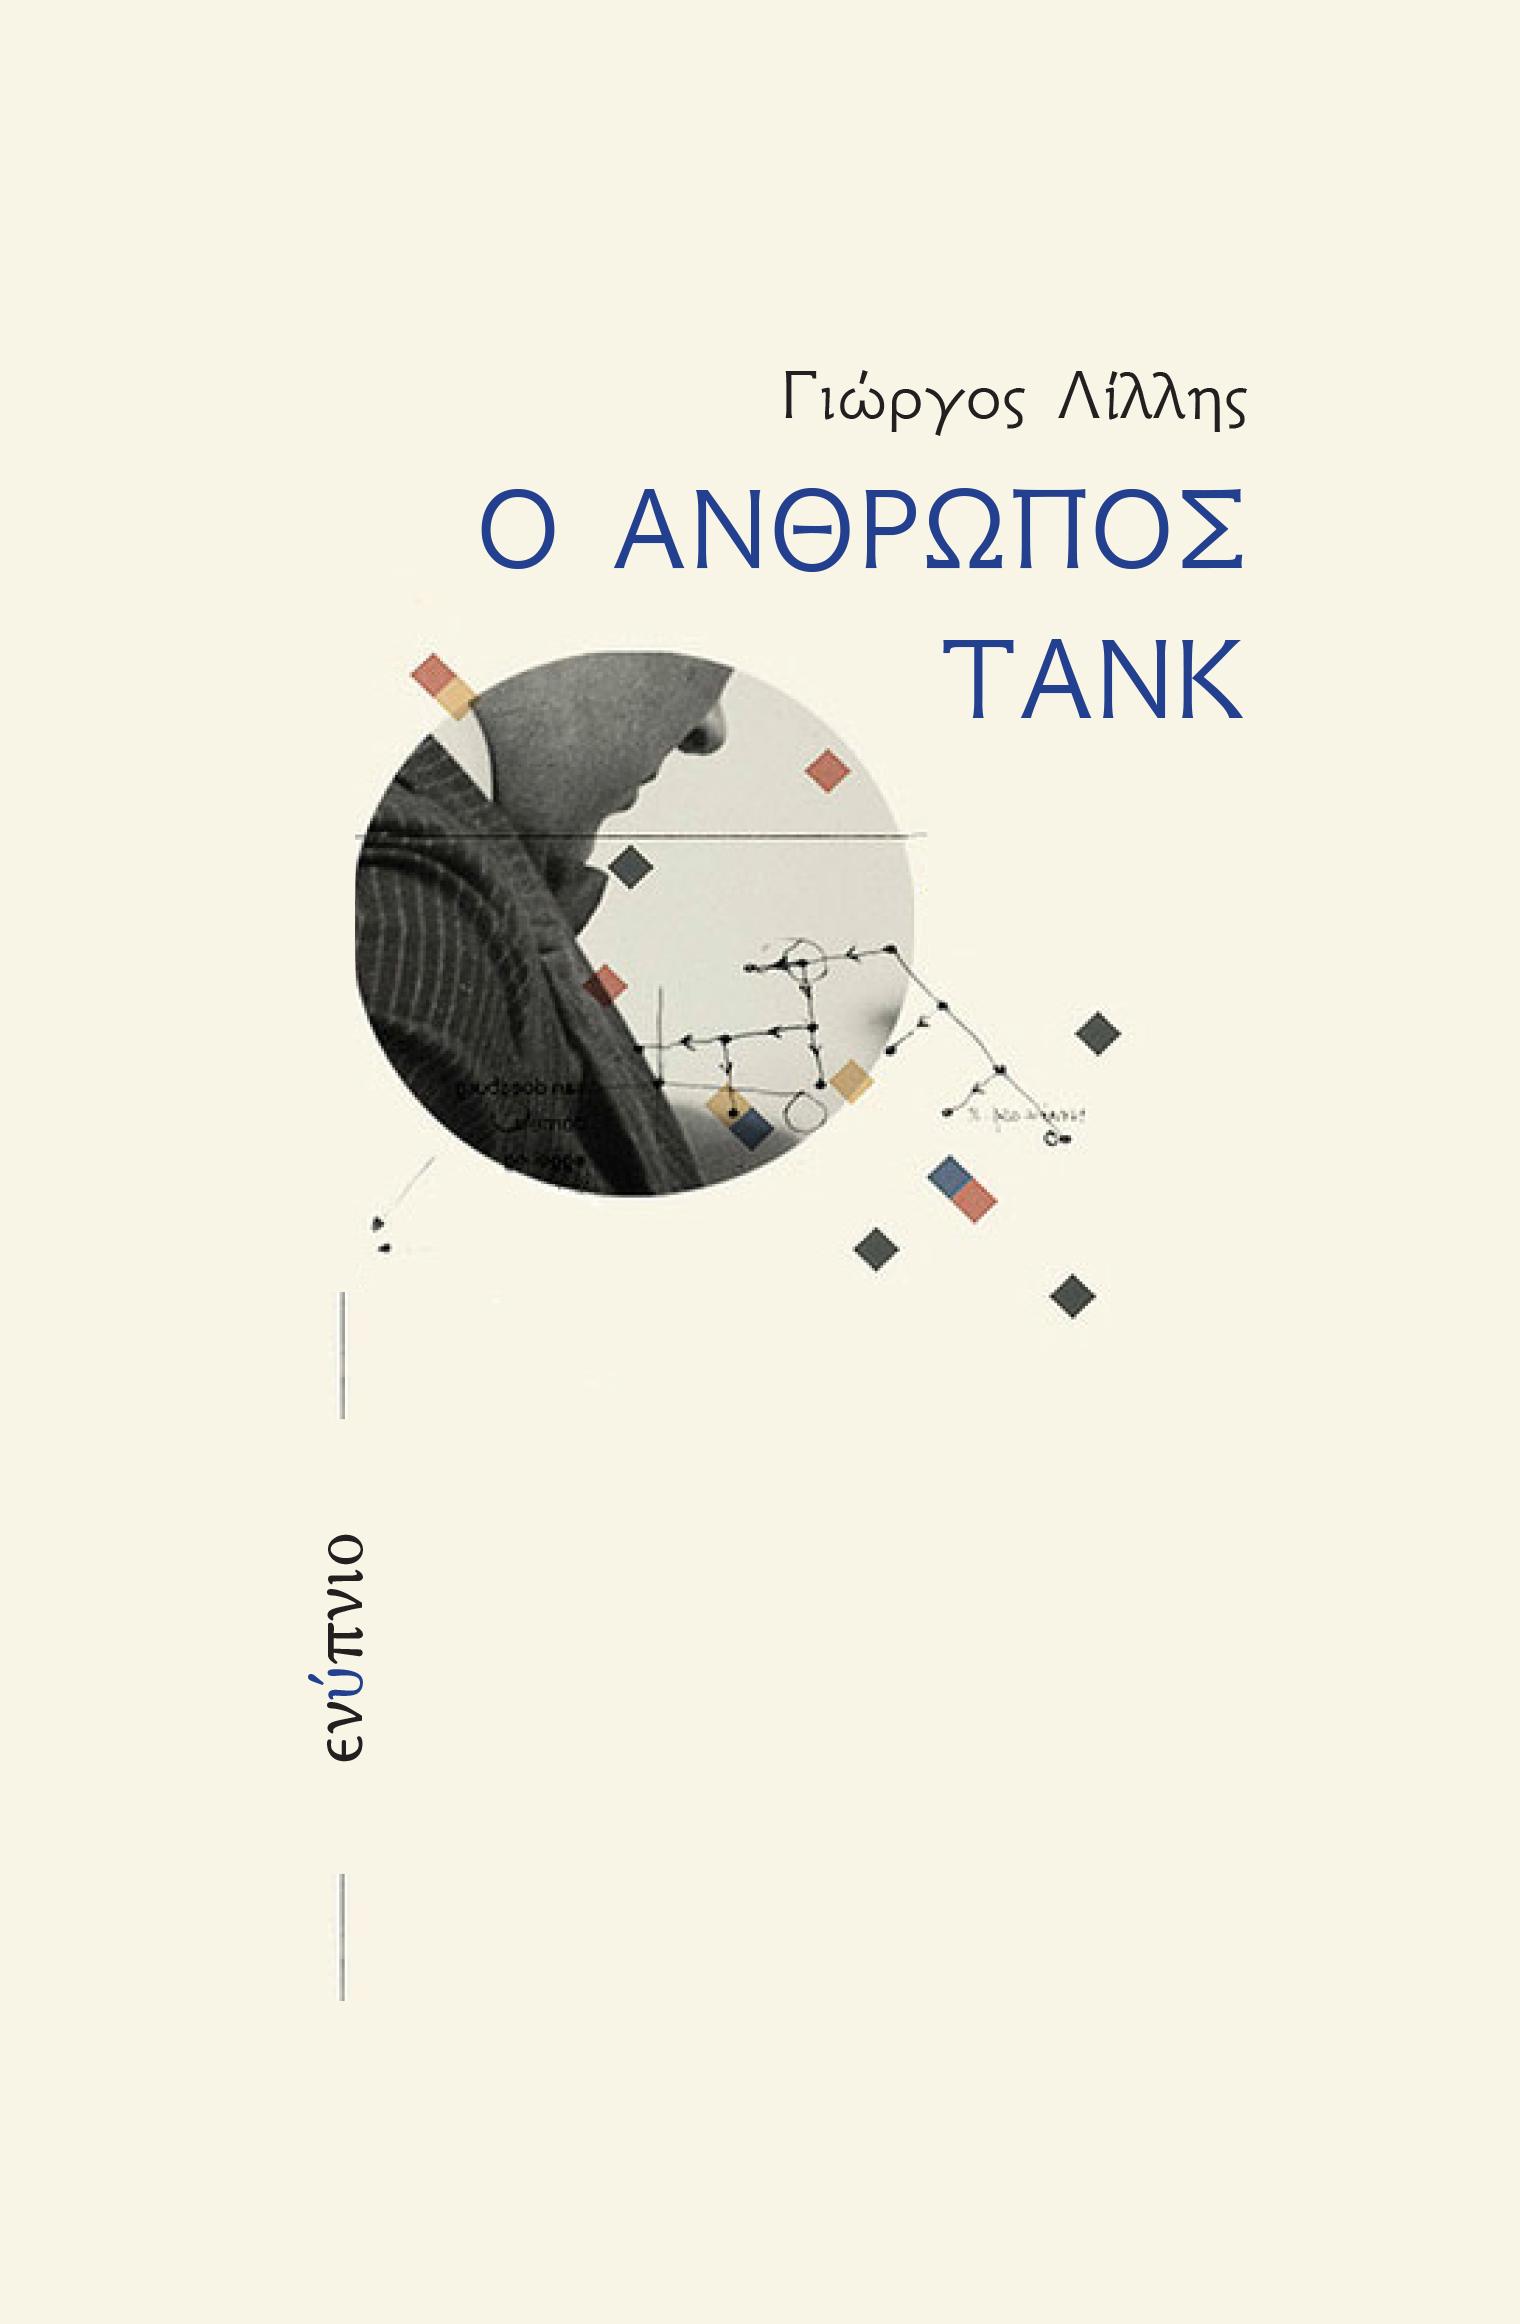 Ο άνθρωπος τανκ, , Λίλλης, Γιώργος, Ενύπνιο, 2017